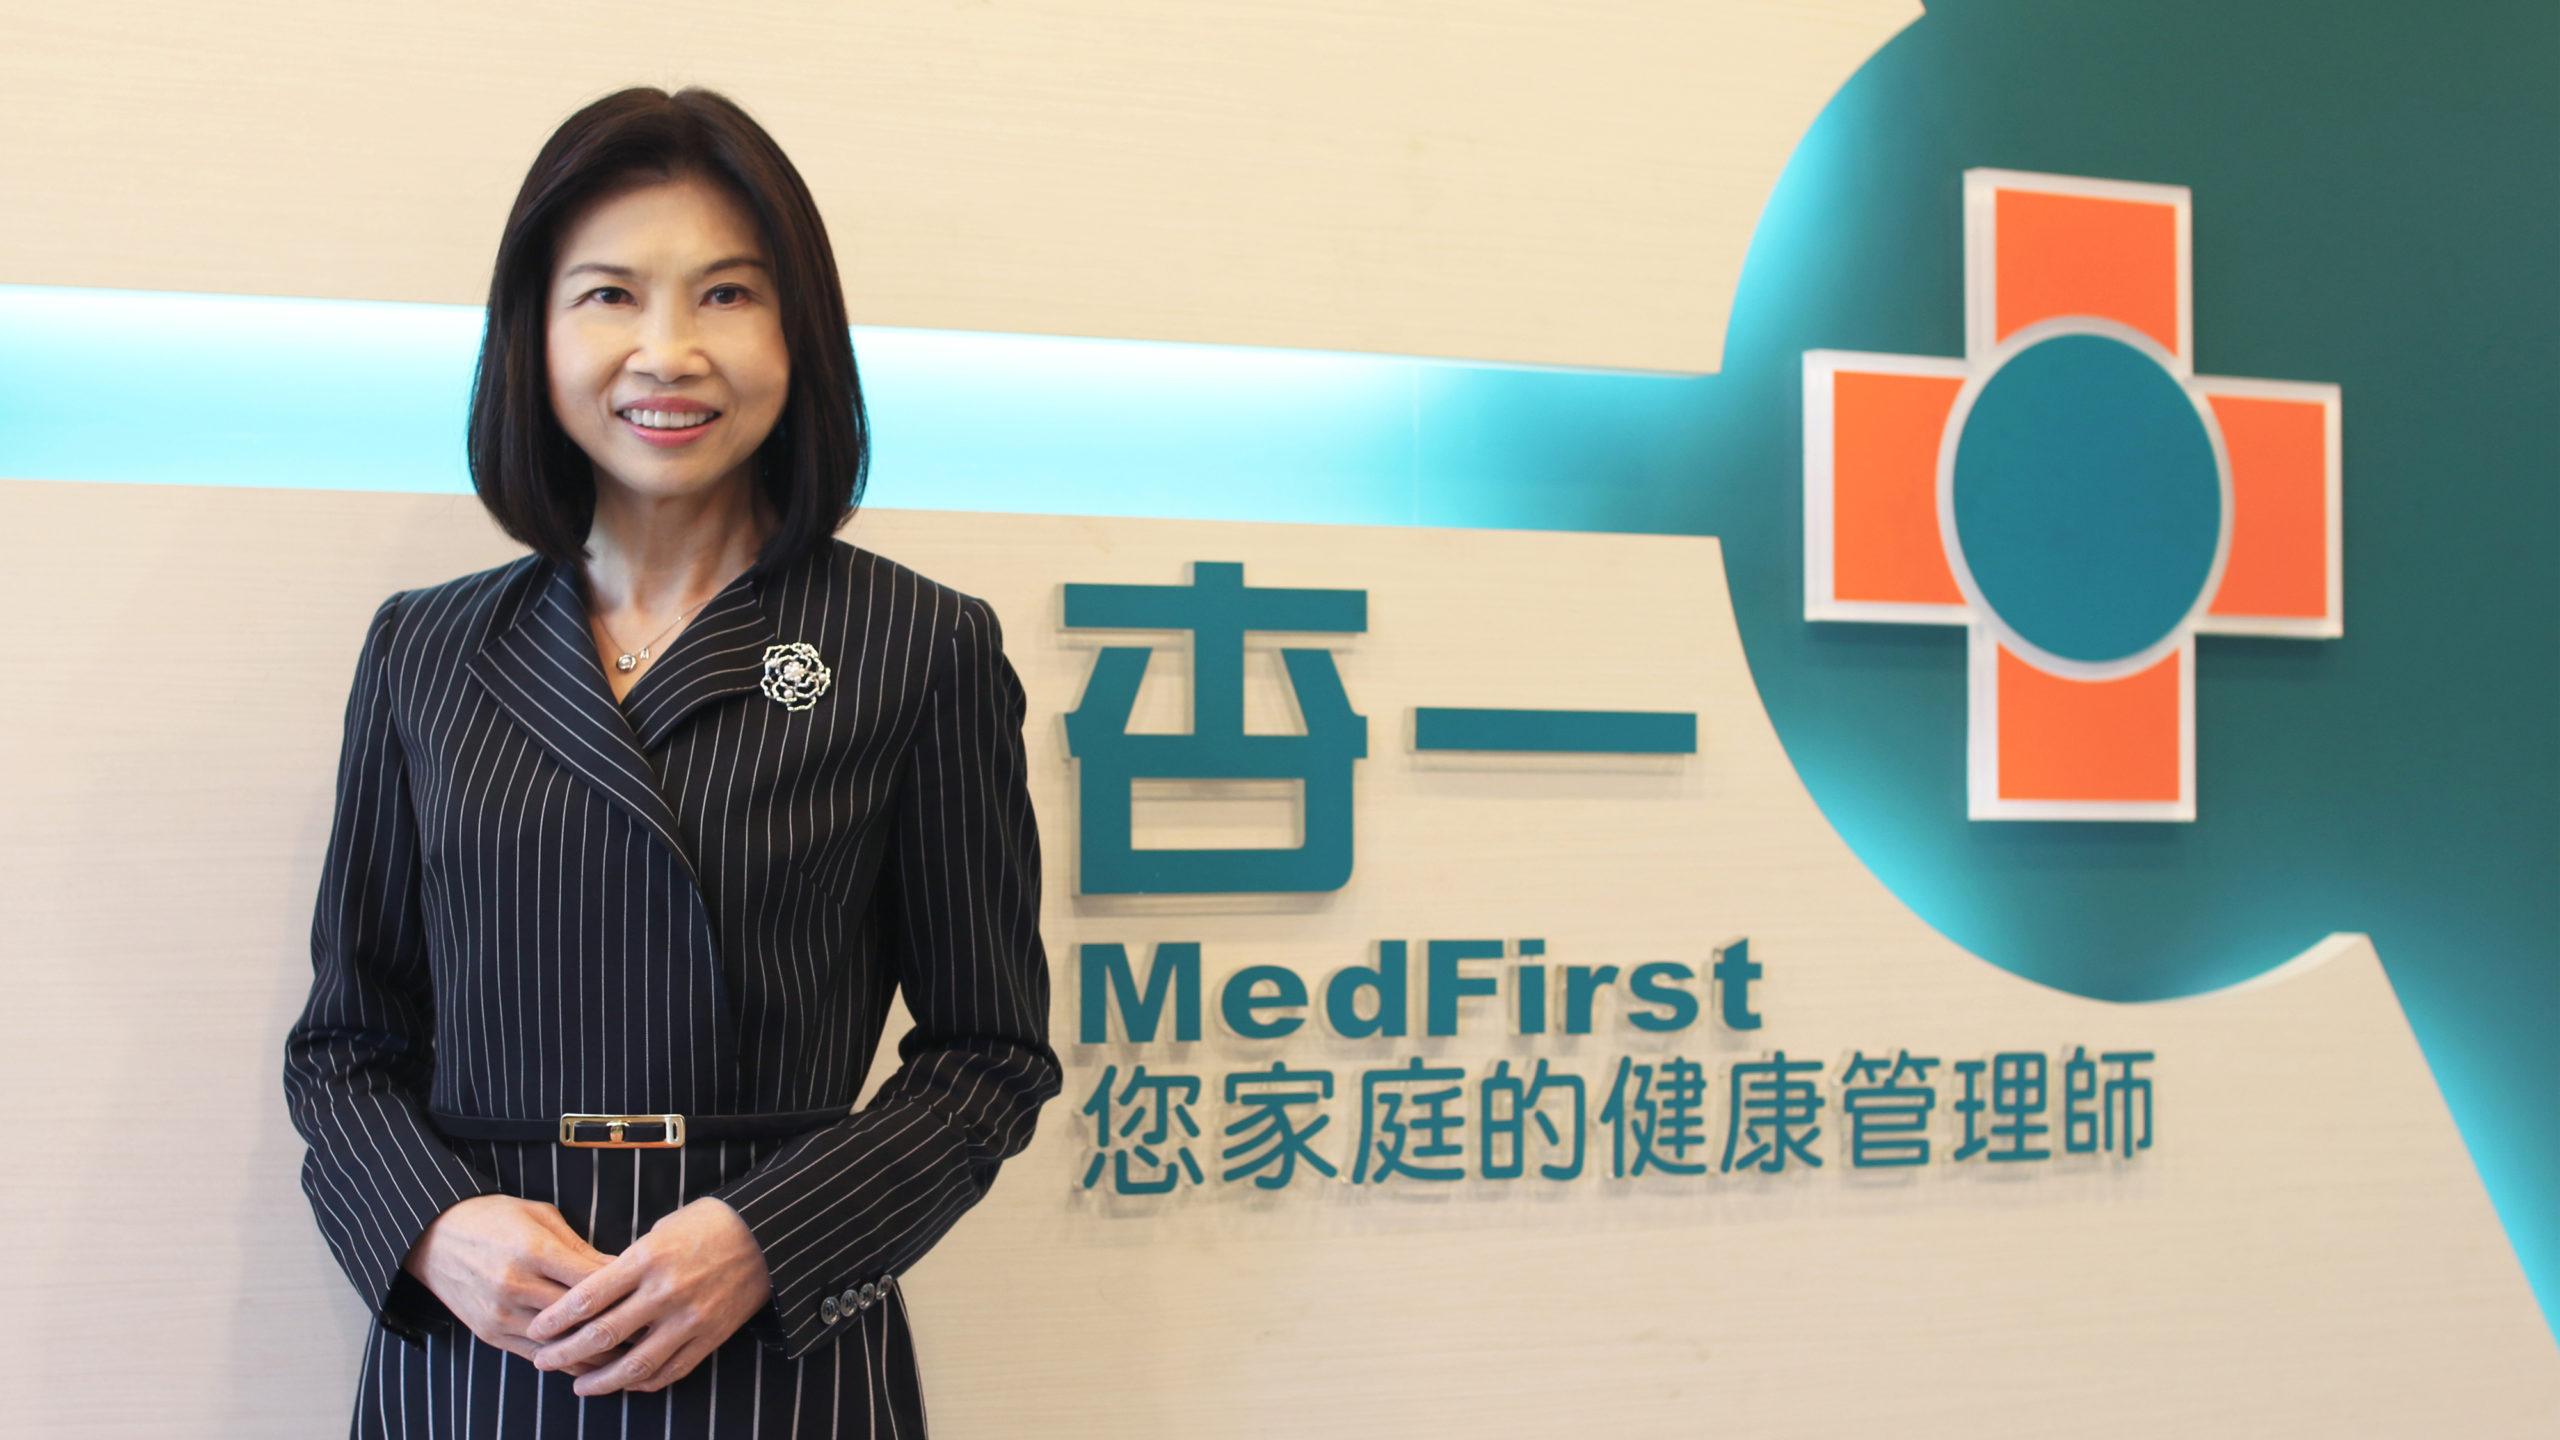 醫療零售產業 OMO 新浪潮,杏一透過 MarTech 打造數位會員生態系